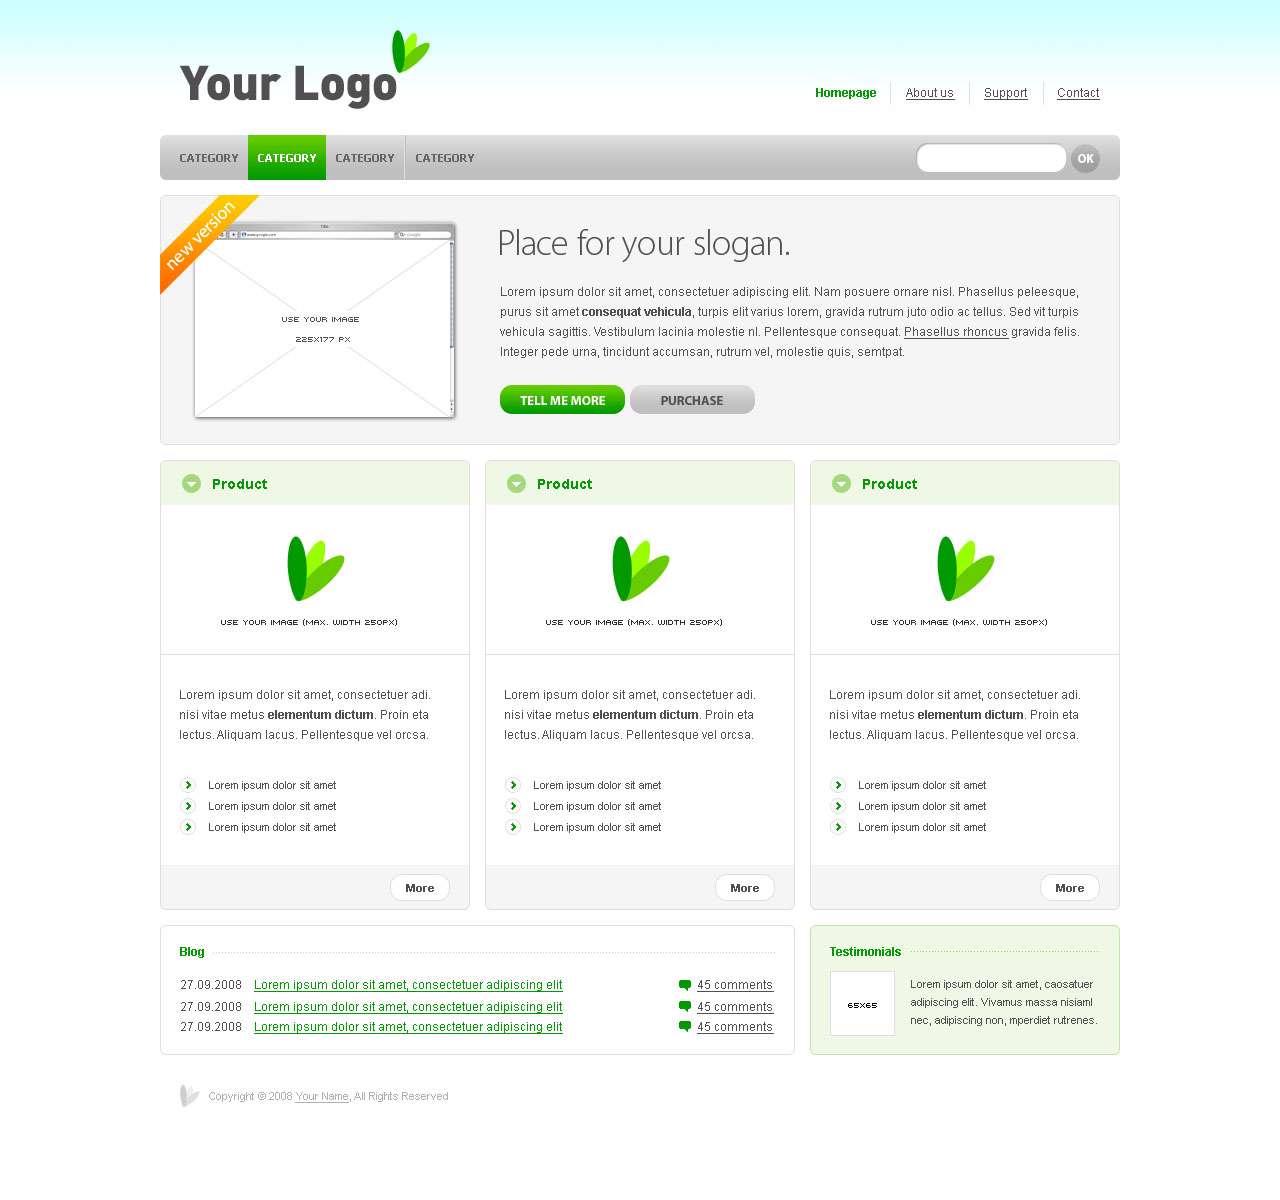 قالب های ساده و زیبا برای کمک به طراحان سایت